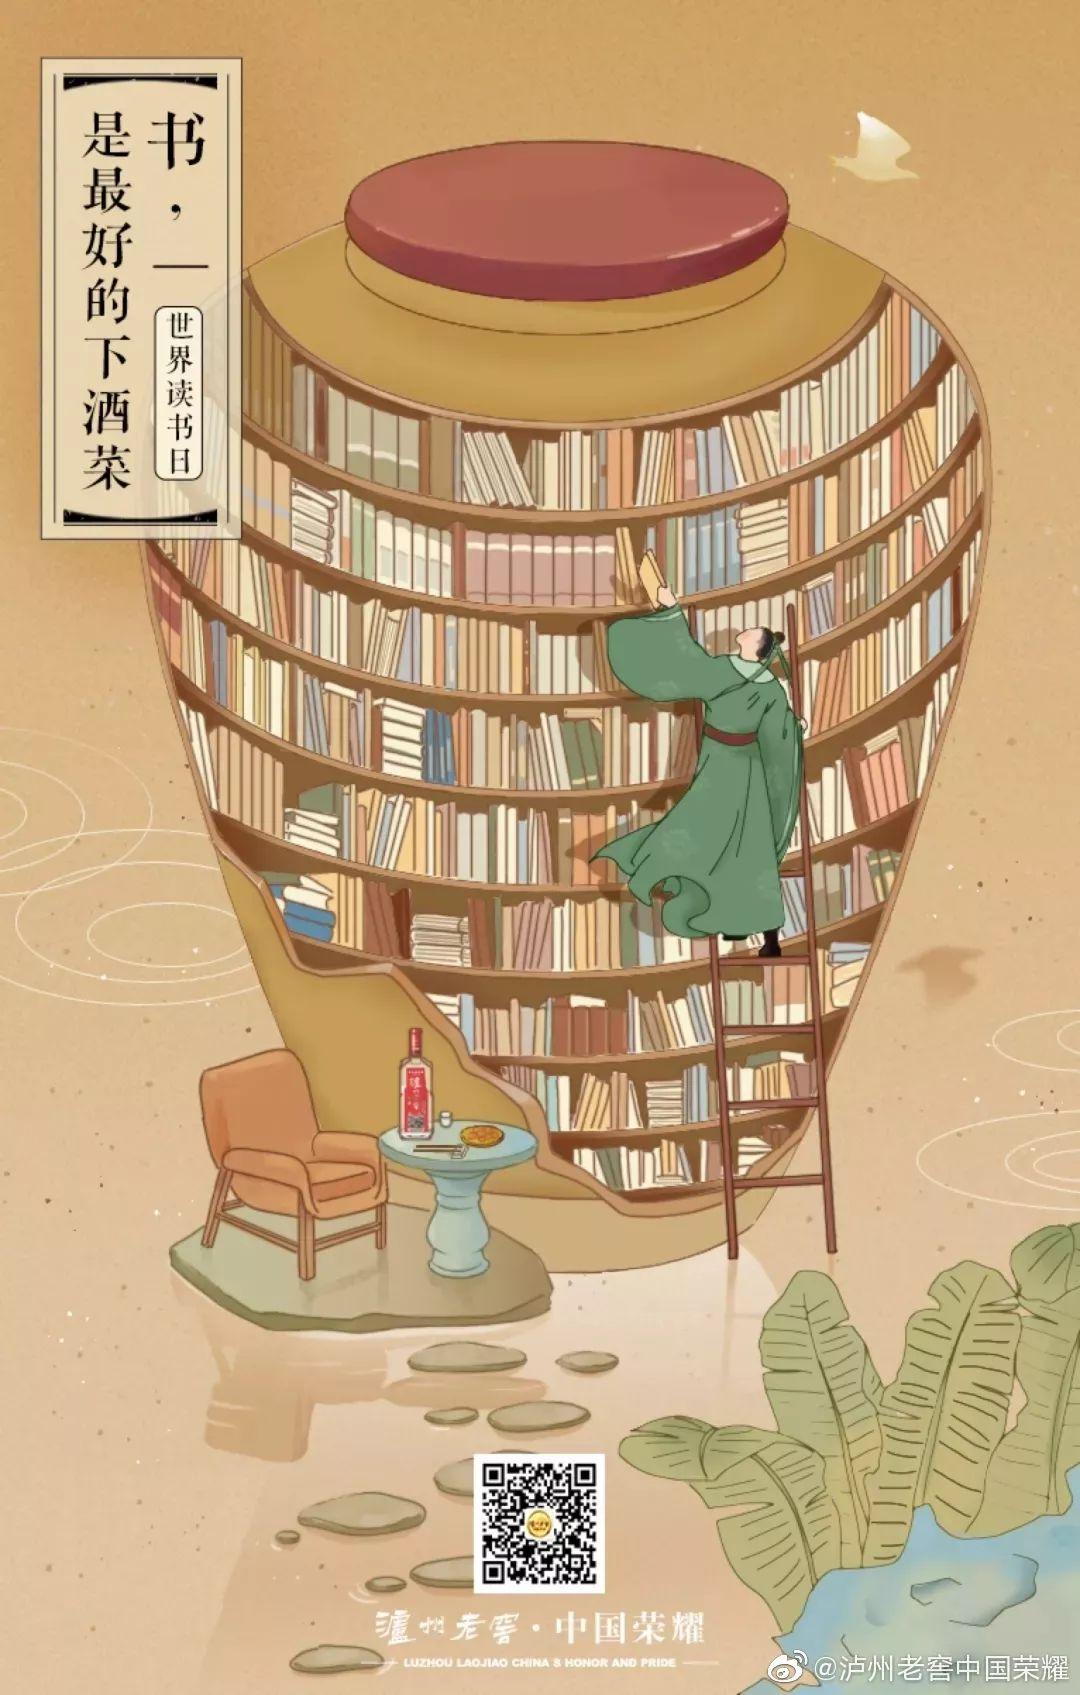 世界读书日文案海报欣赏:别给自己的懒惰找借口!插图23